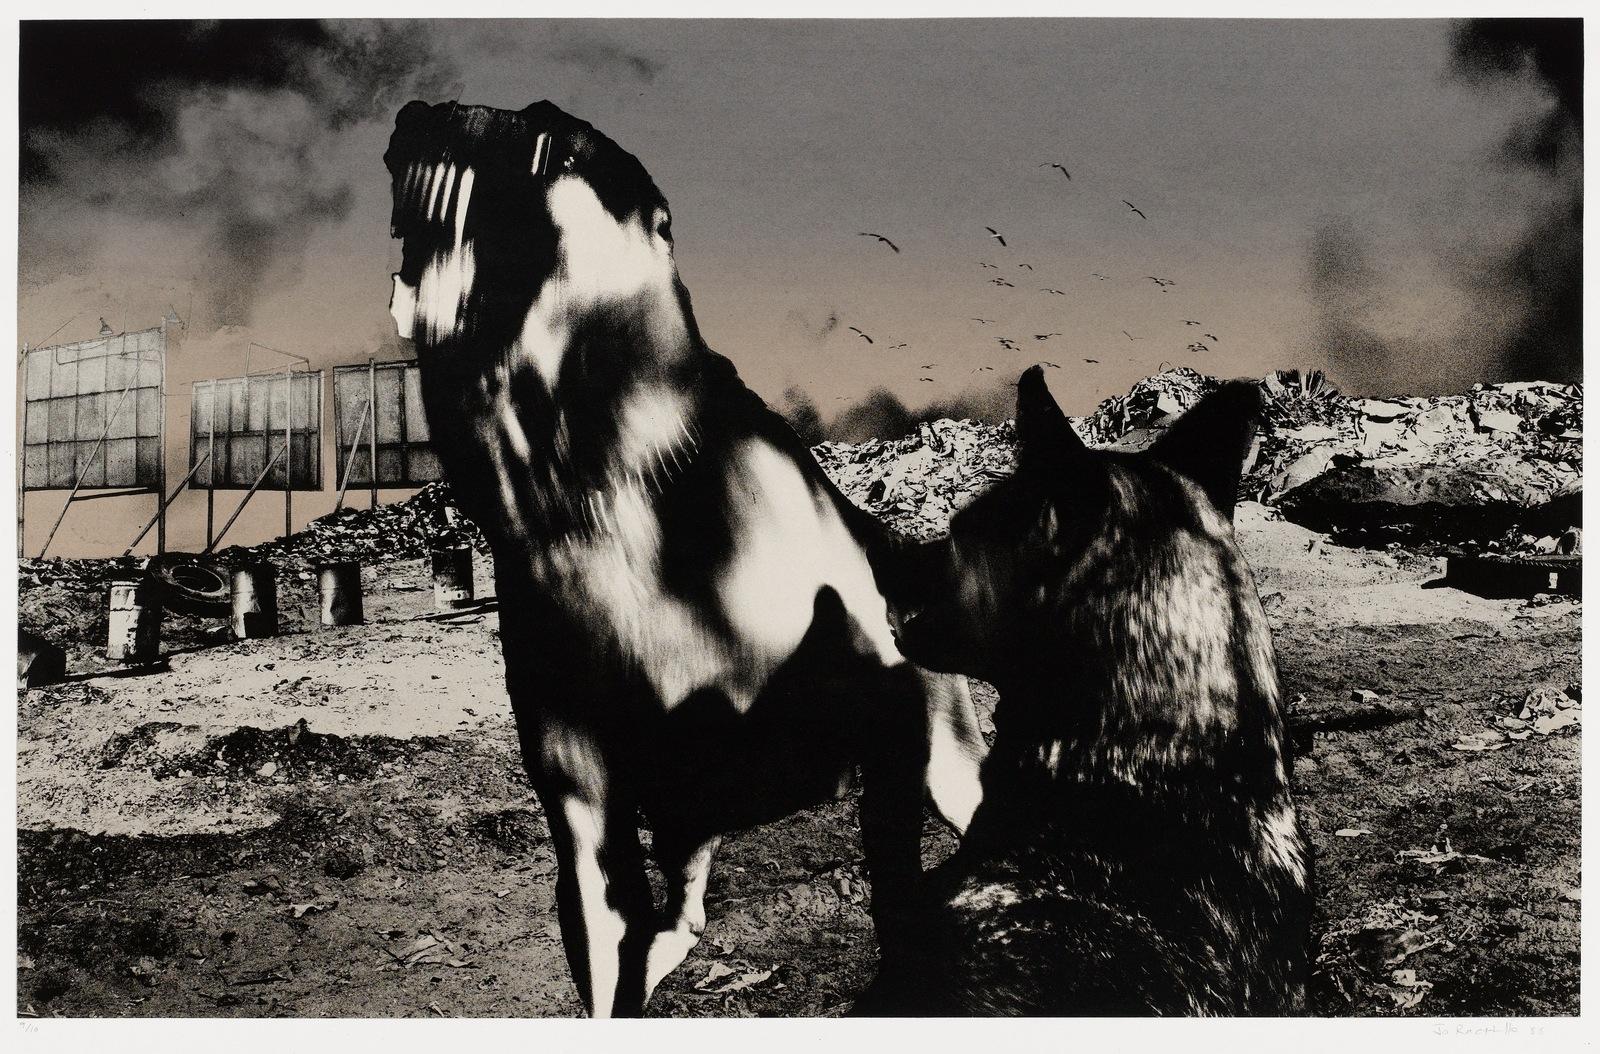 Nadir 15. 1987–88 image